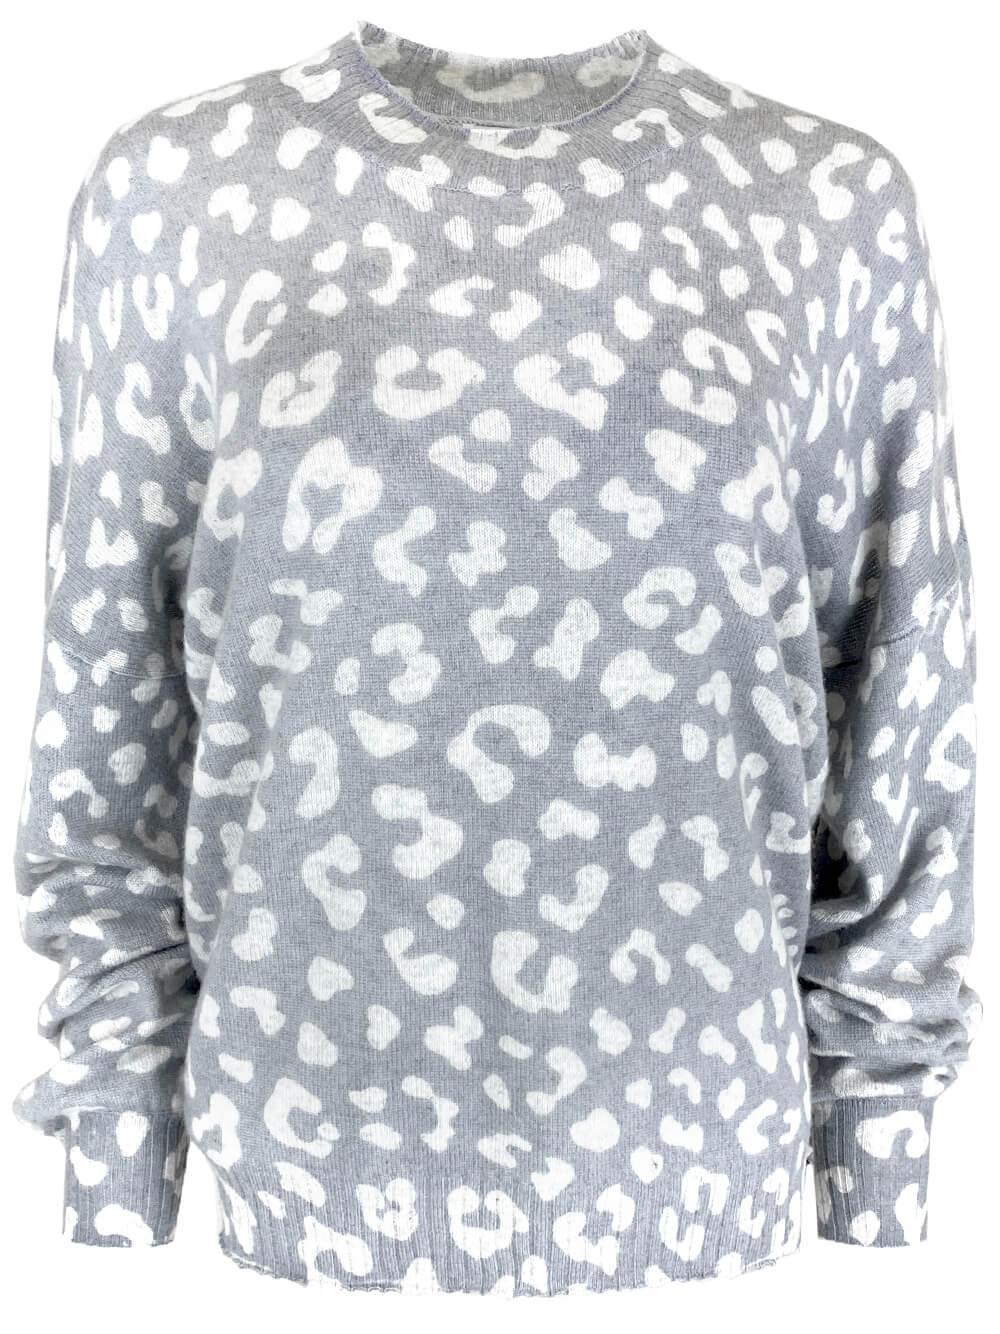 Johnnie Leopard Sweater Item # JOHNNIE